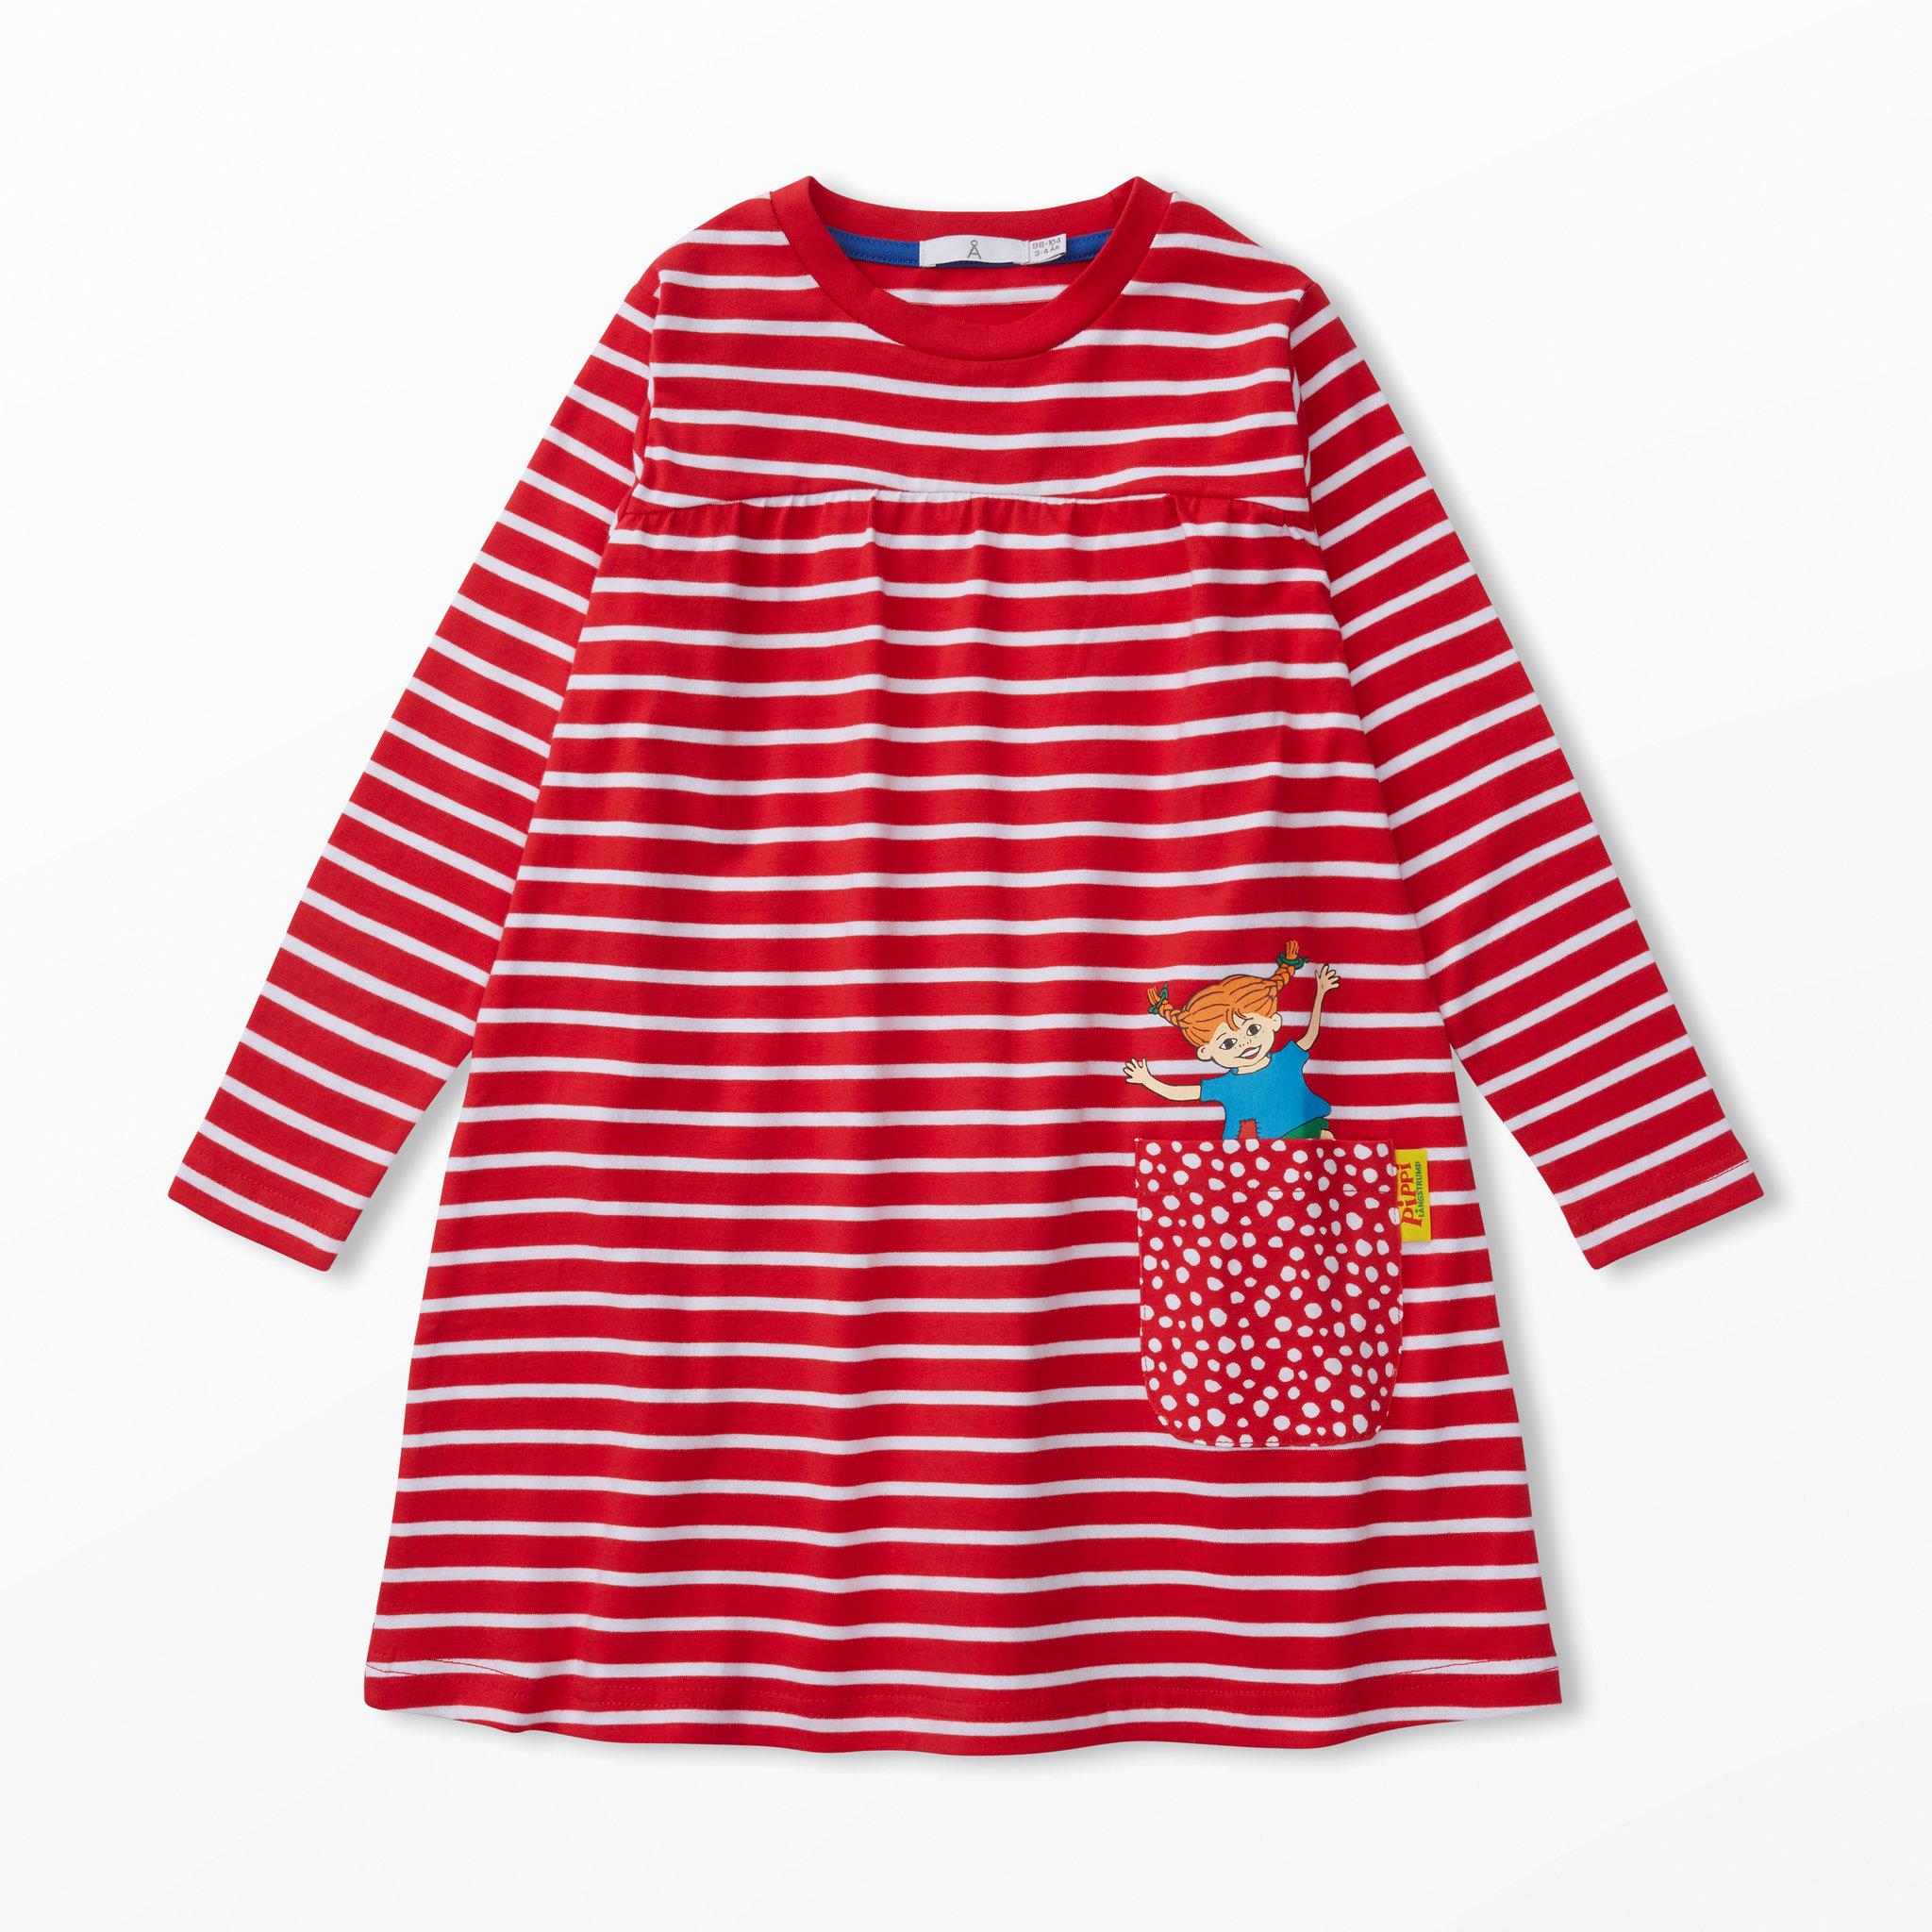 5c710f4ca9c4 Klänning Pippi Långstrump - Kläder - Köp online på åhlens.se!